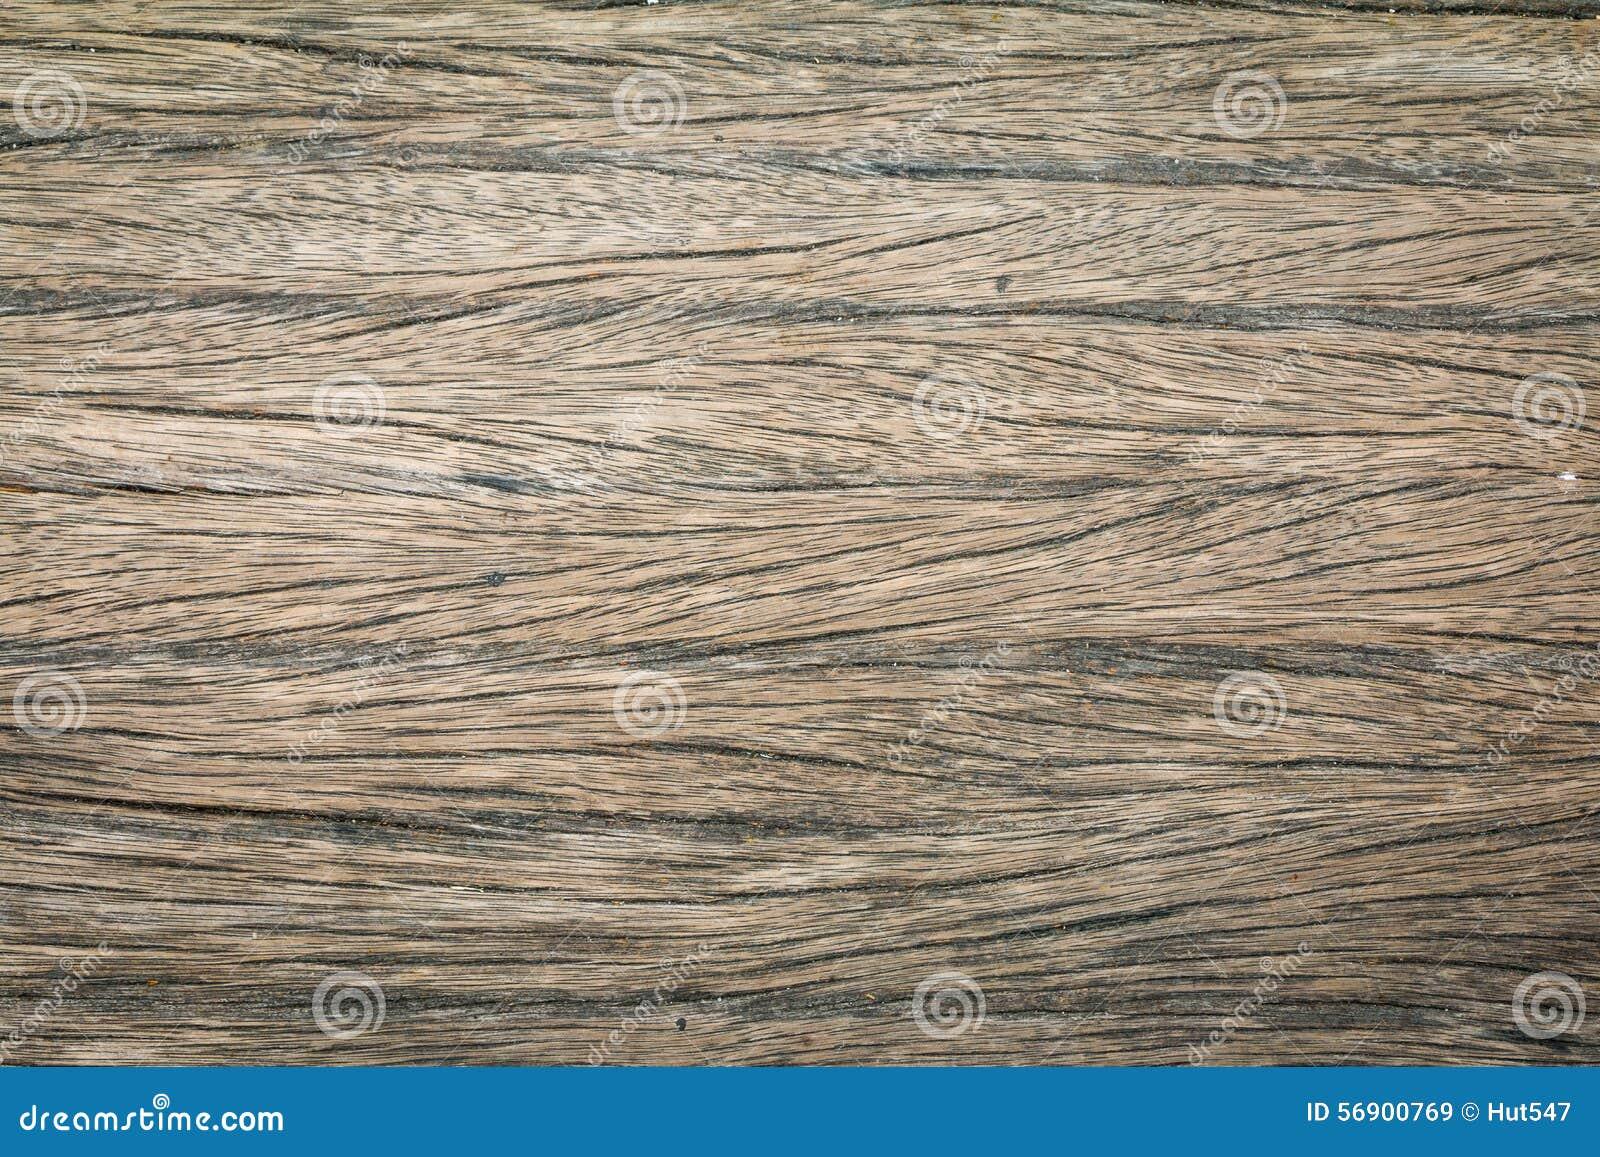 τοποθετημένο σε στρώματα teakwook δάσος σύστασης ανασκόπησης πάτωμα